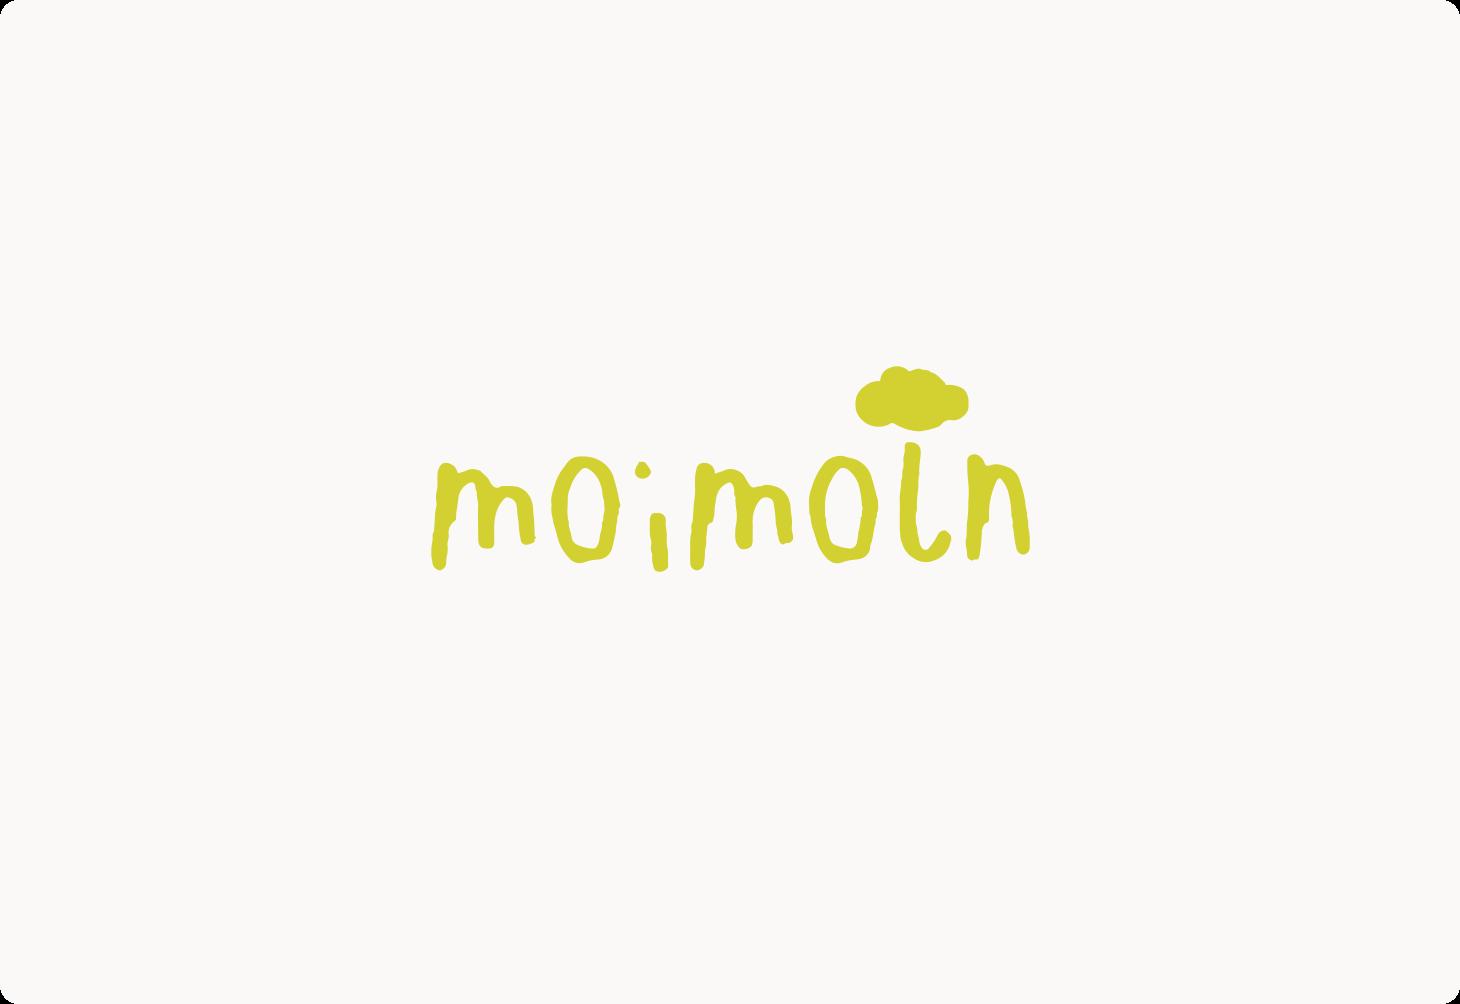 ロゴ「moimoln」